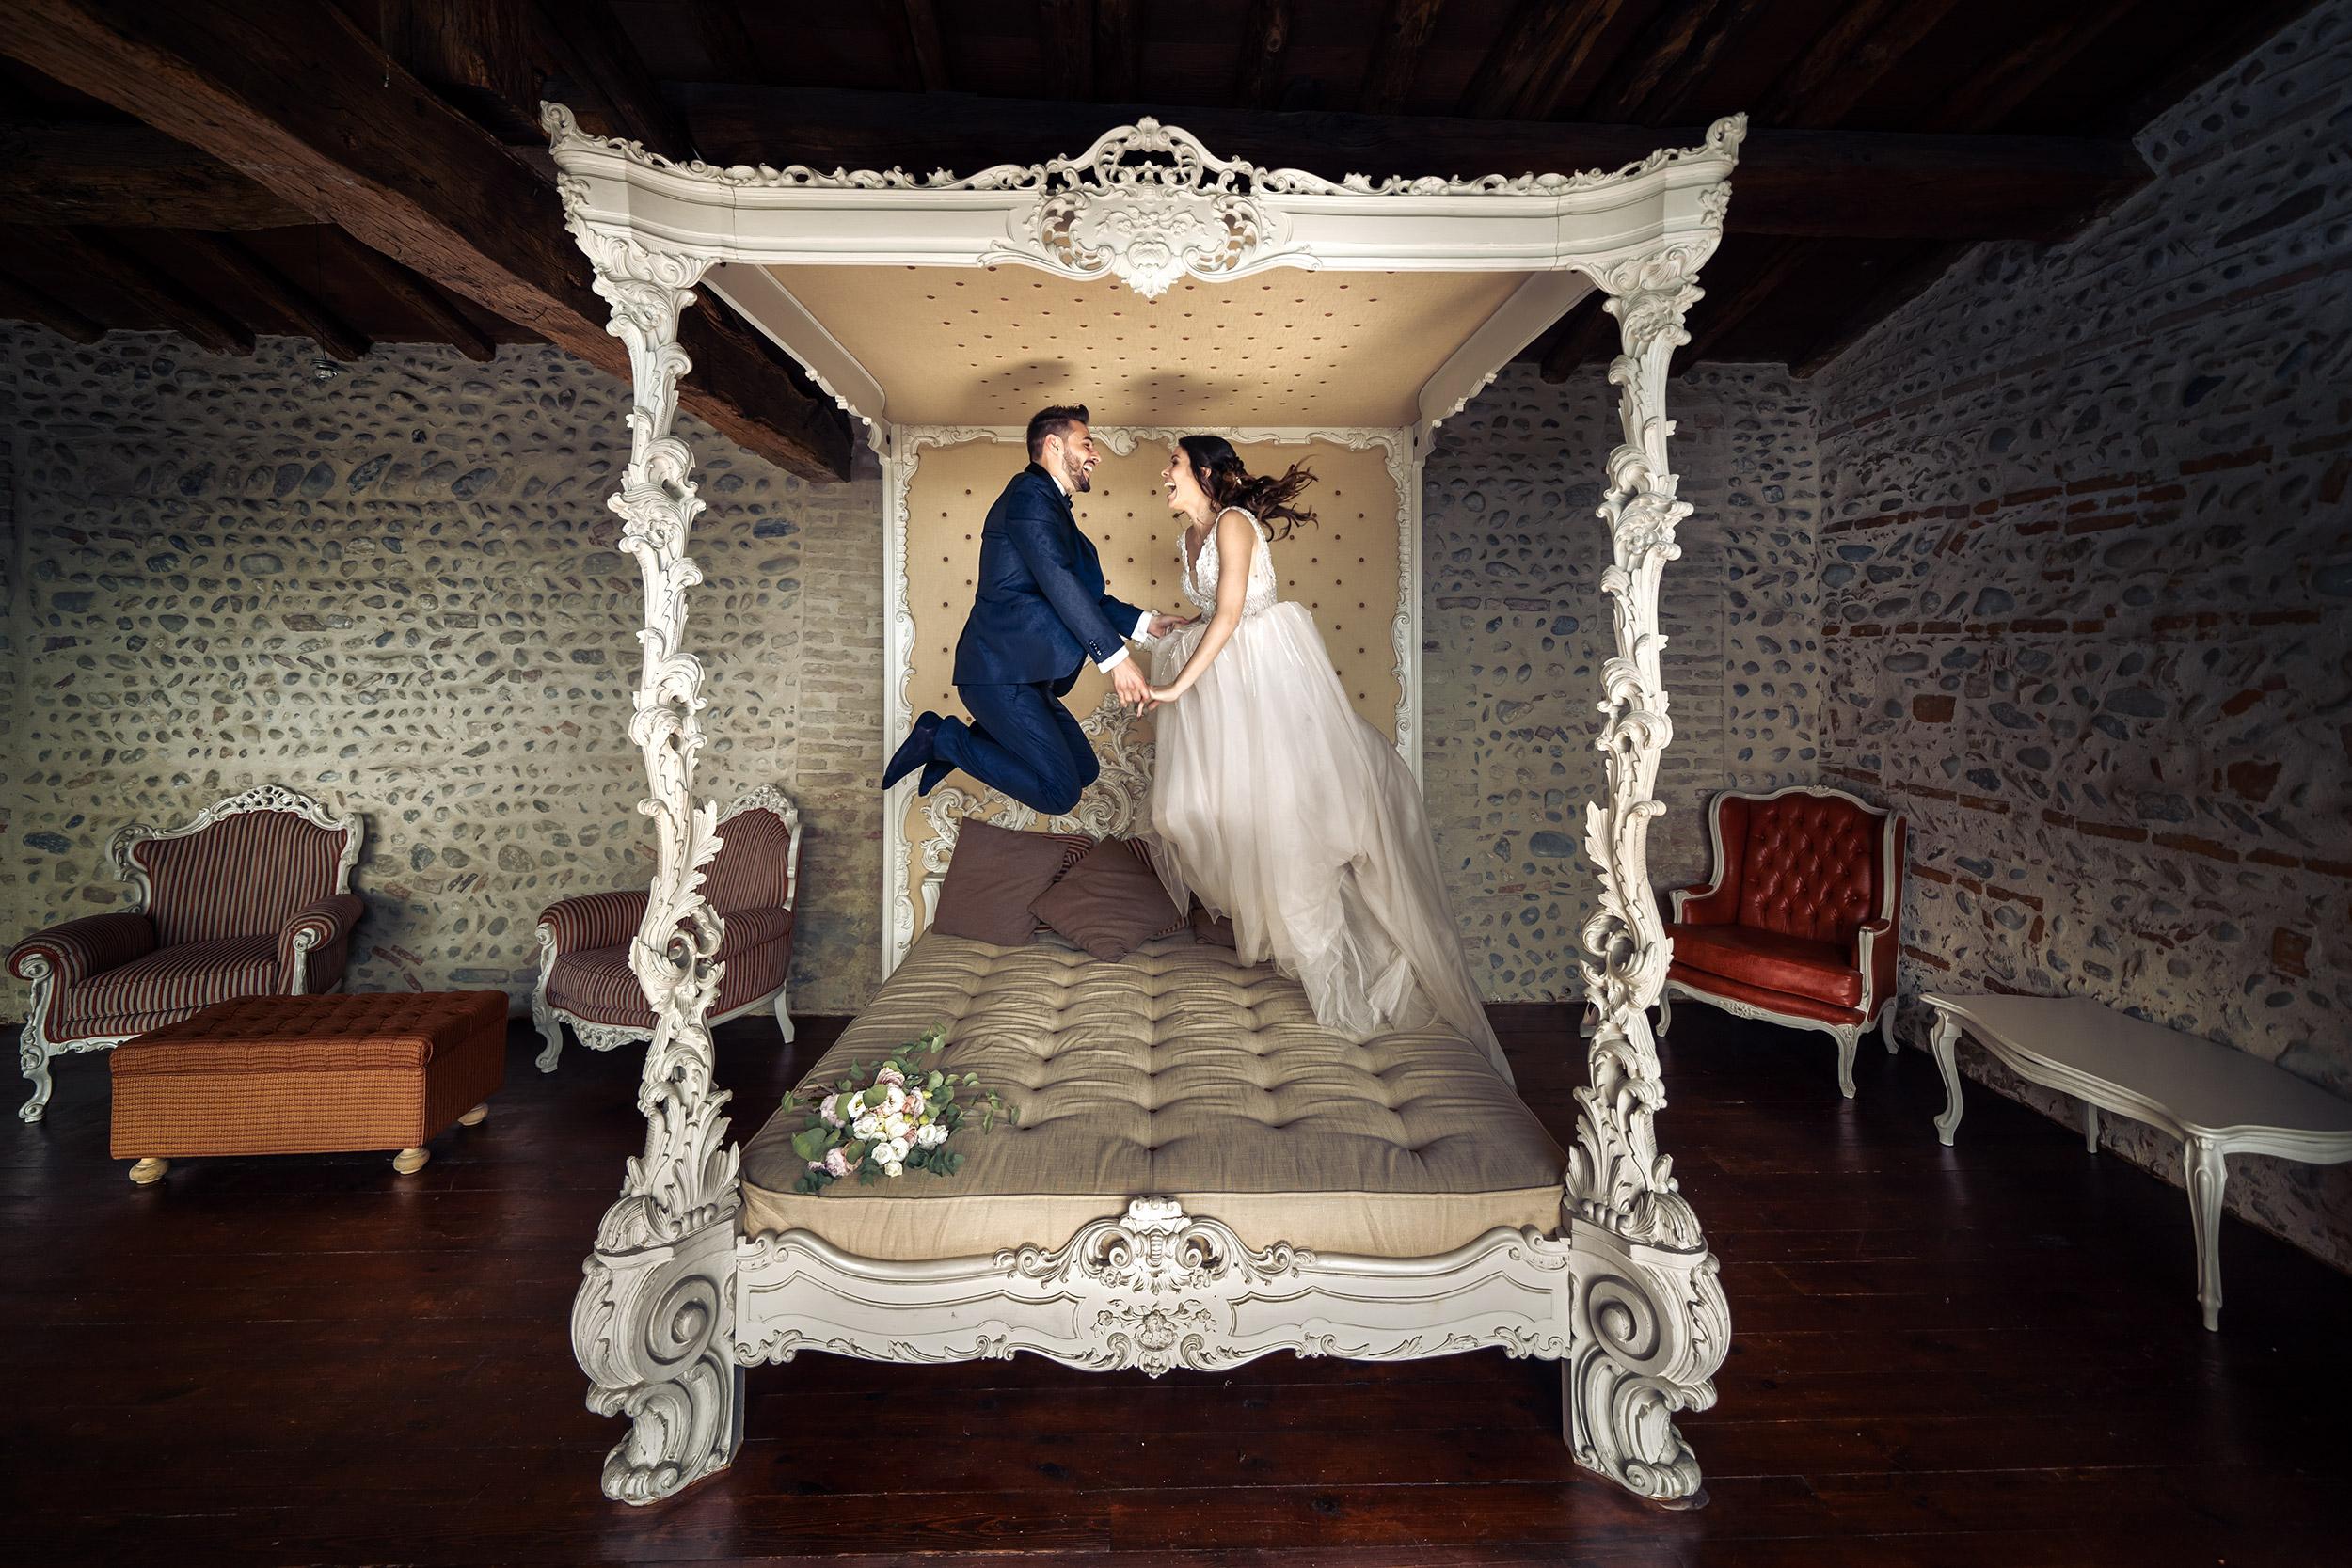 000 fotografo matrimonio reportage wedding convento dei neveri ritratto sposi bariano bergamo 1